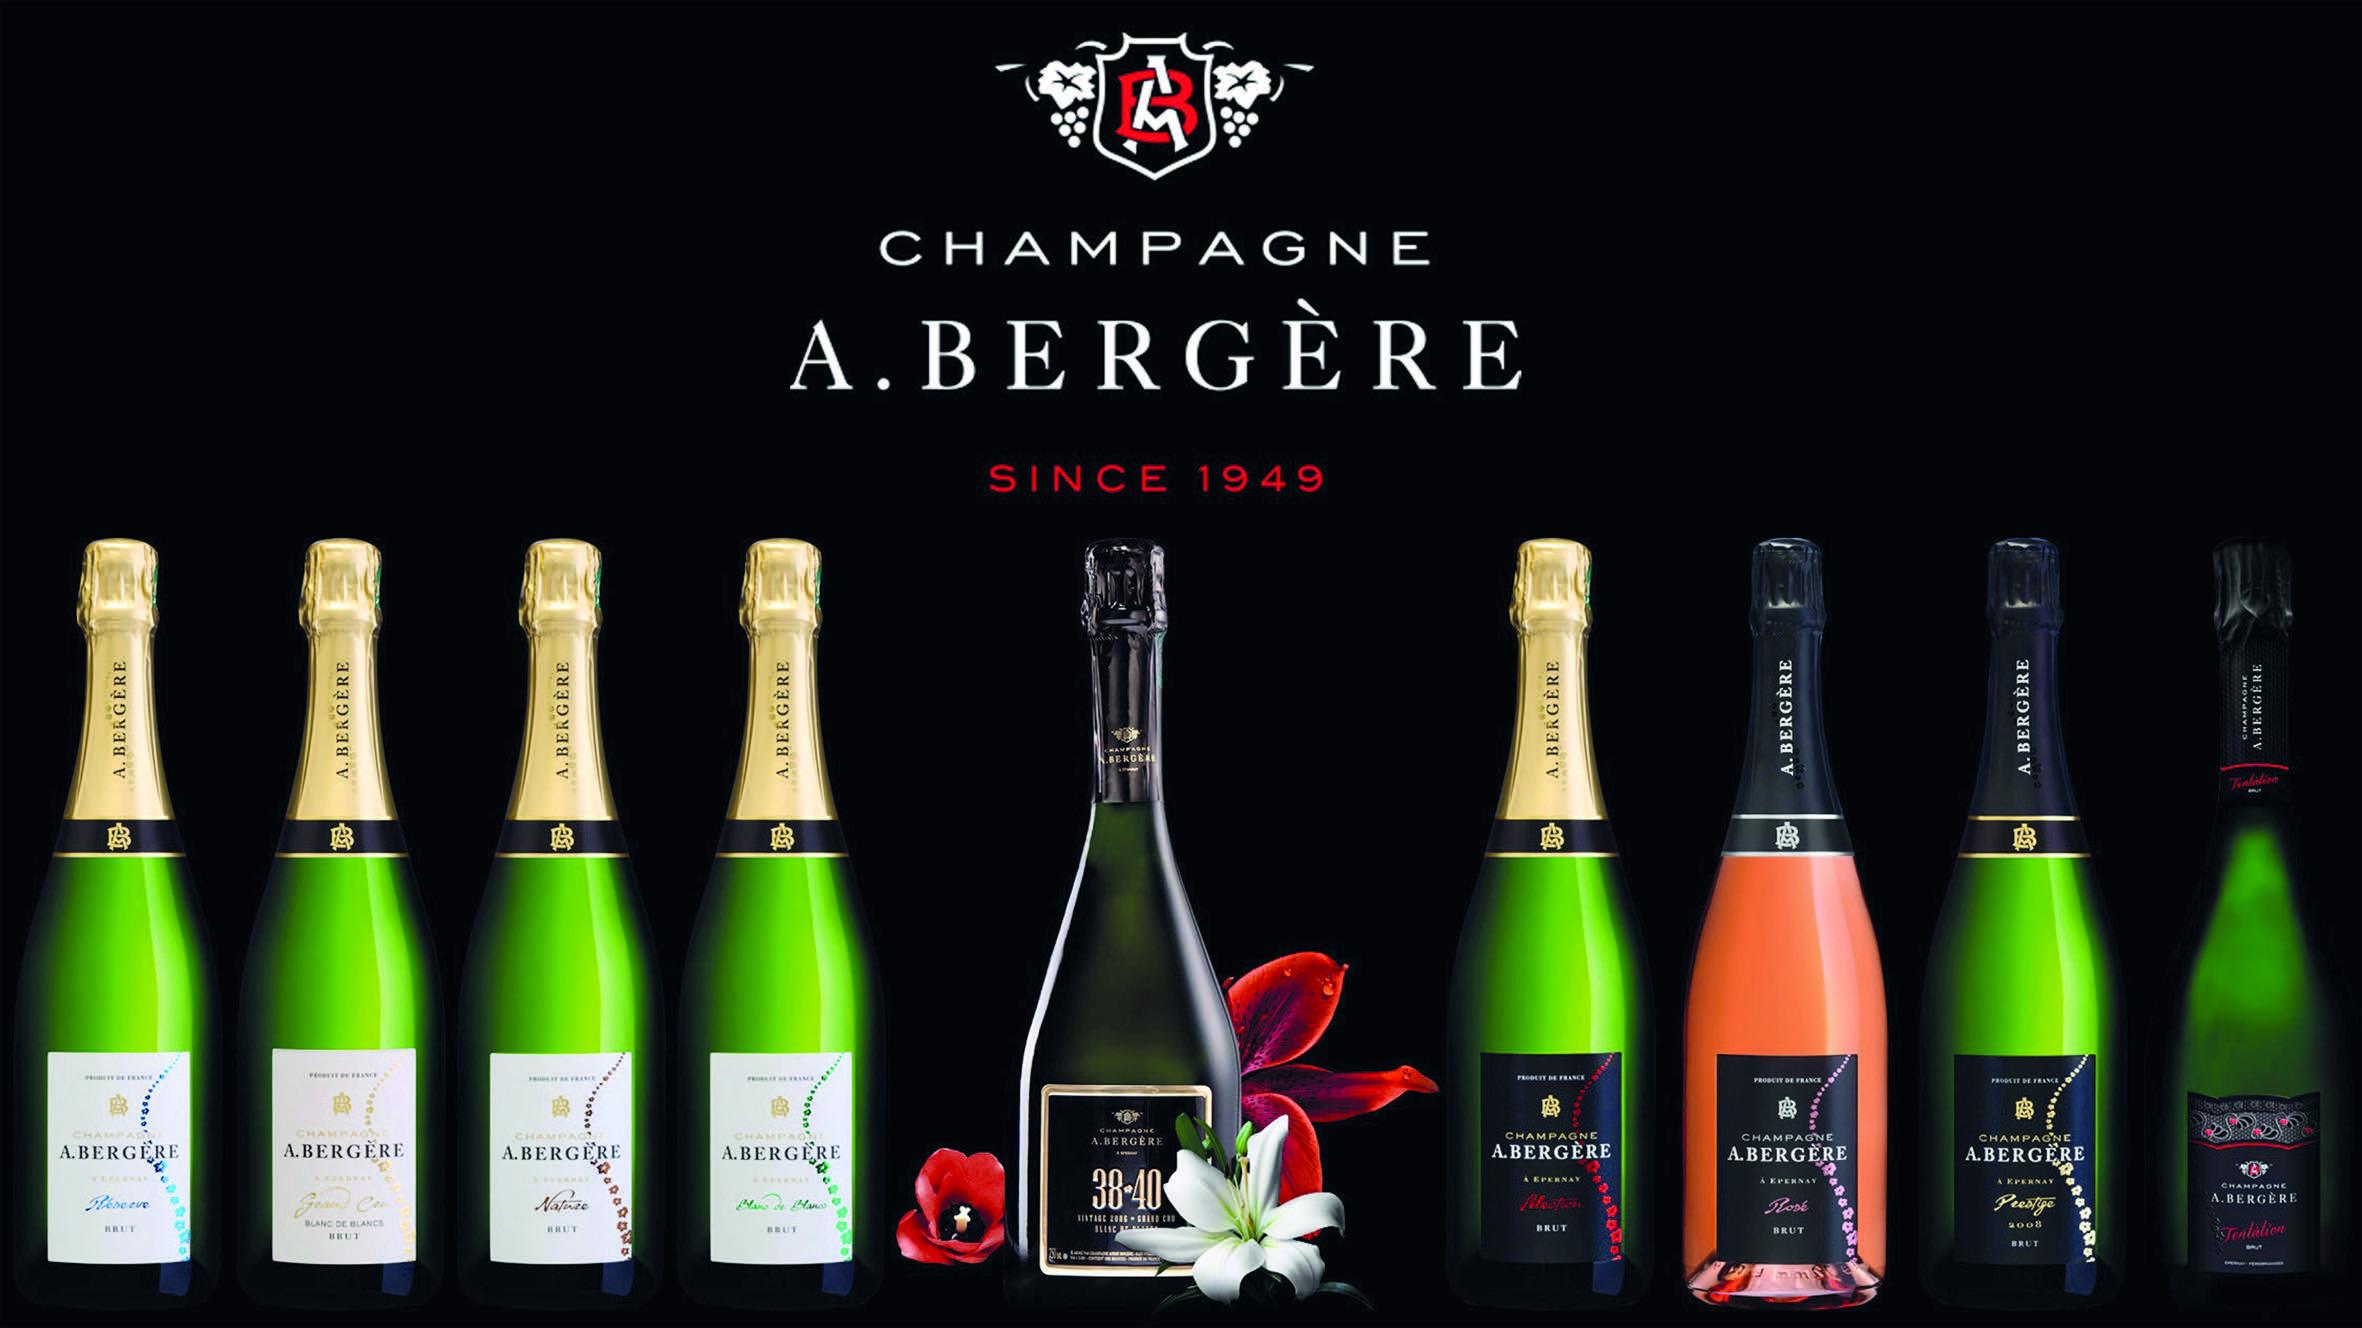 Champagne a berg re bagno alcione forte dei marmi sabato 15 luglio 2017 god save the wine - Bagno alcione forte dei marmi prezzi ...